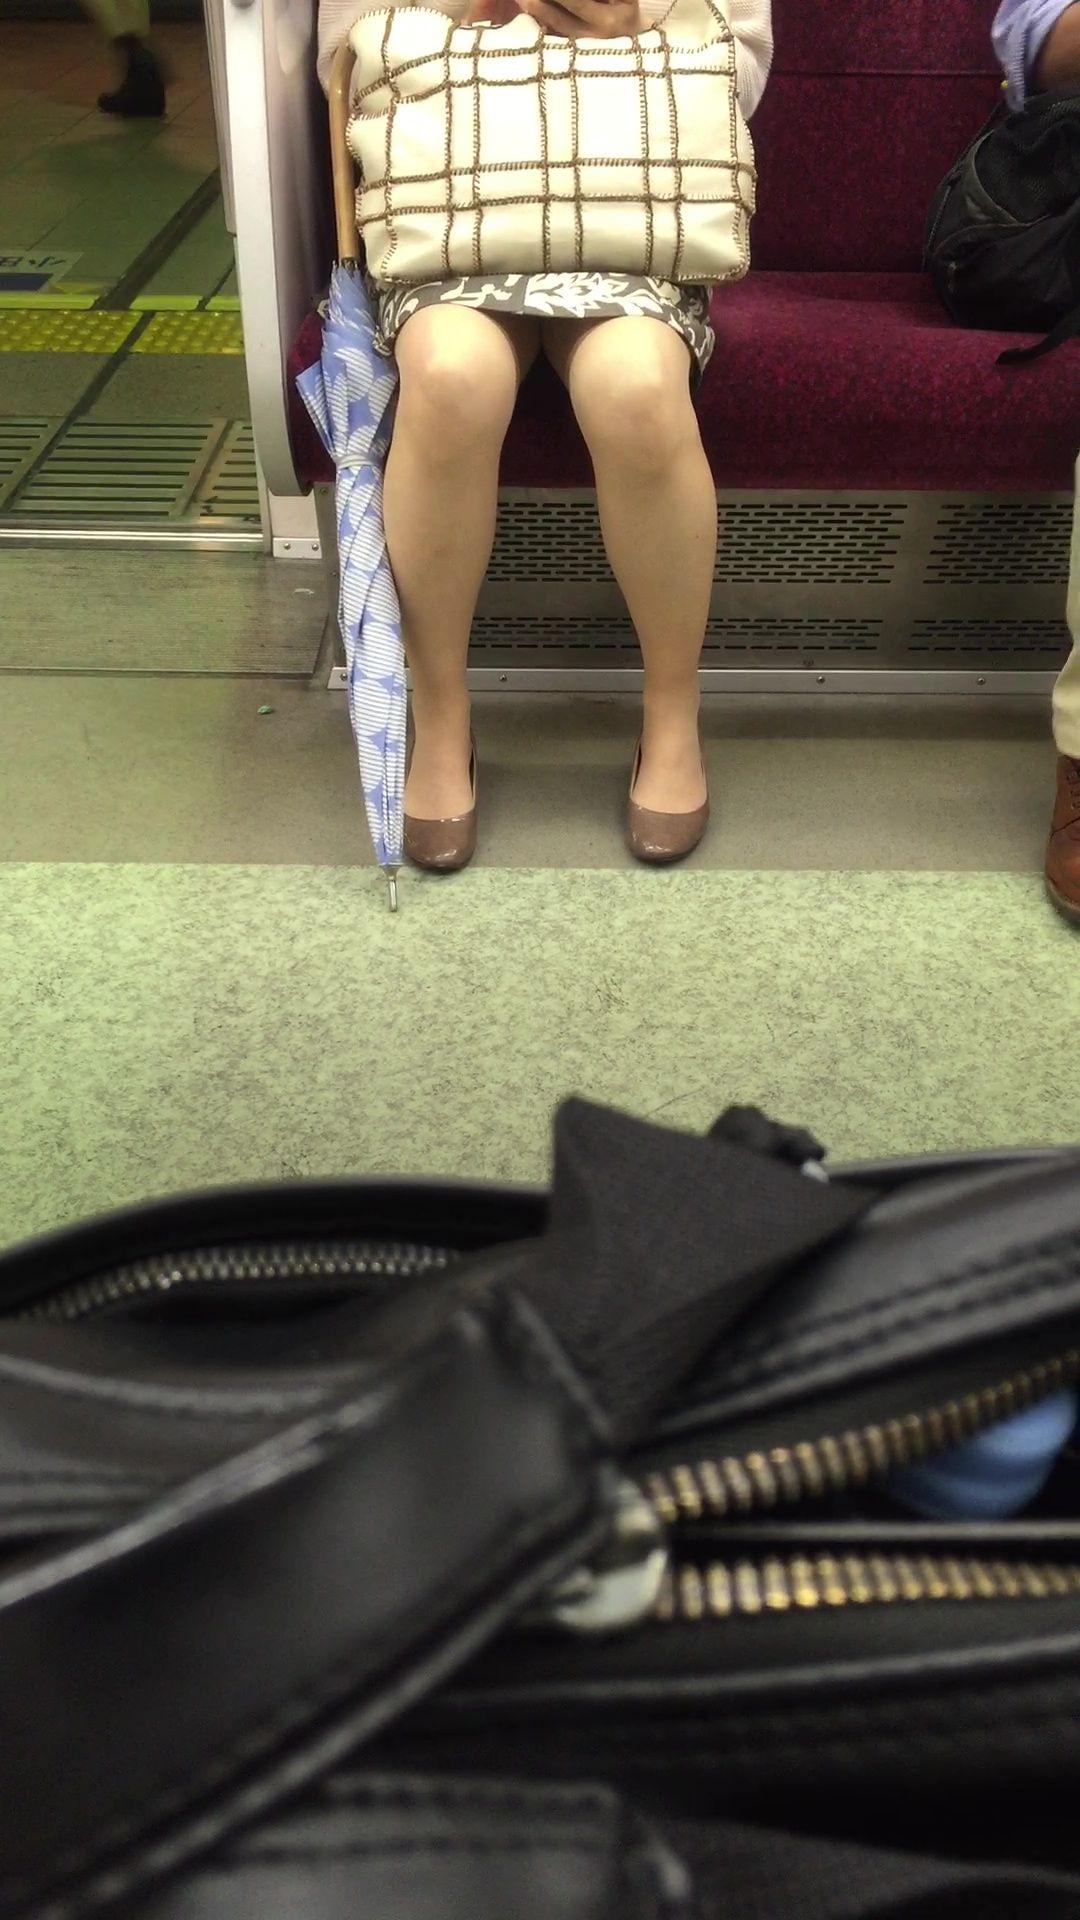 【美脚&チラリズムエロ画像】パンツ見えずとも諦めない!電車の対面から美脚チェックwww 26